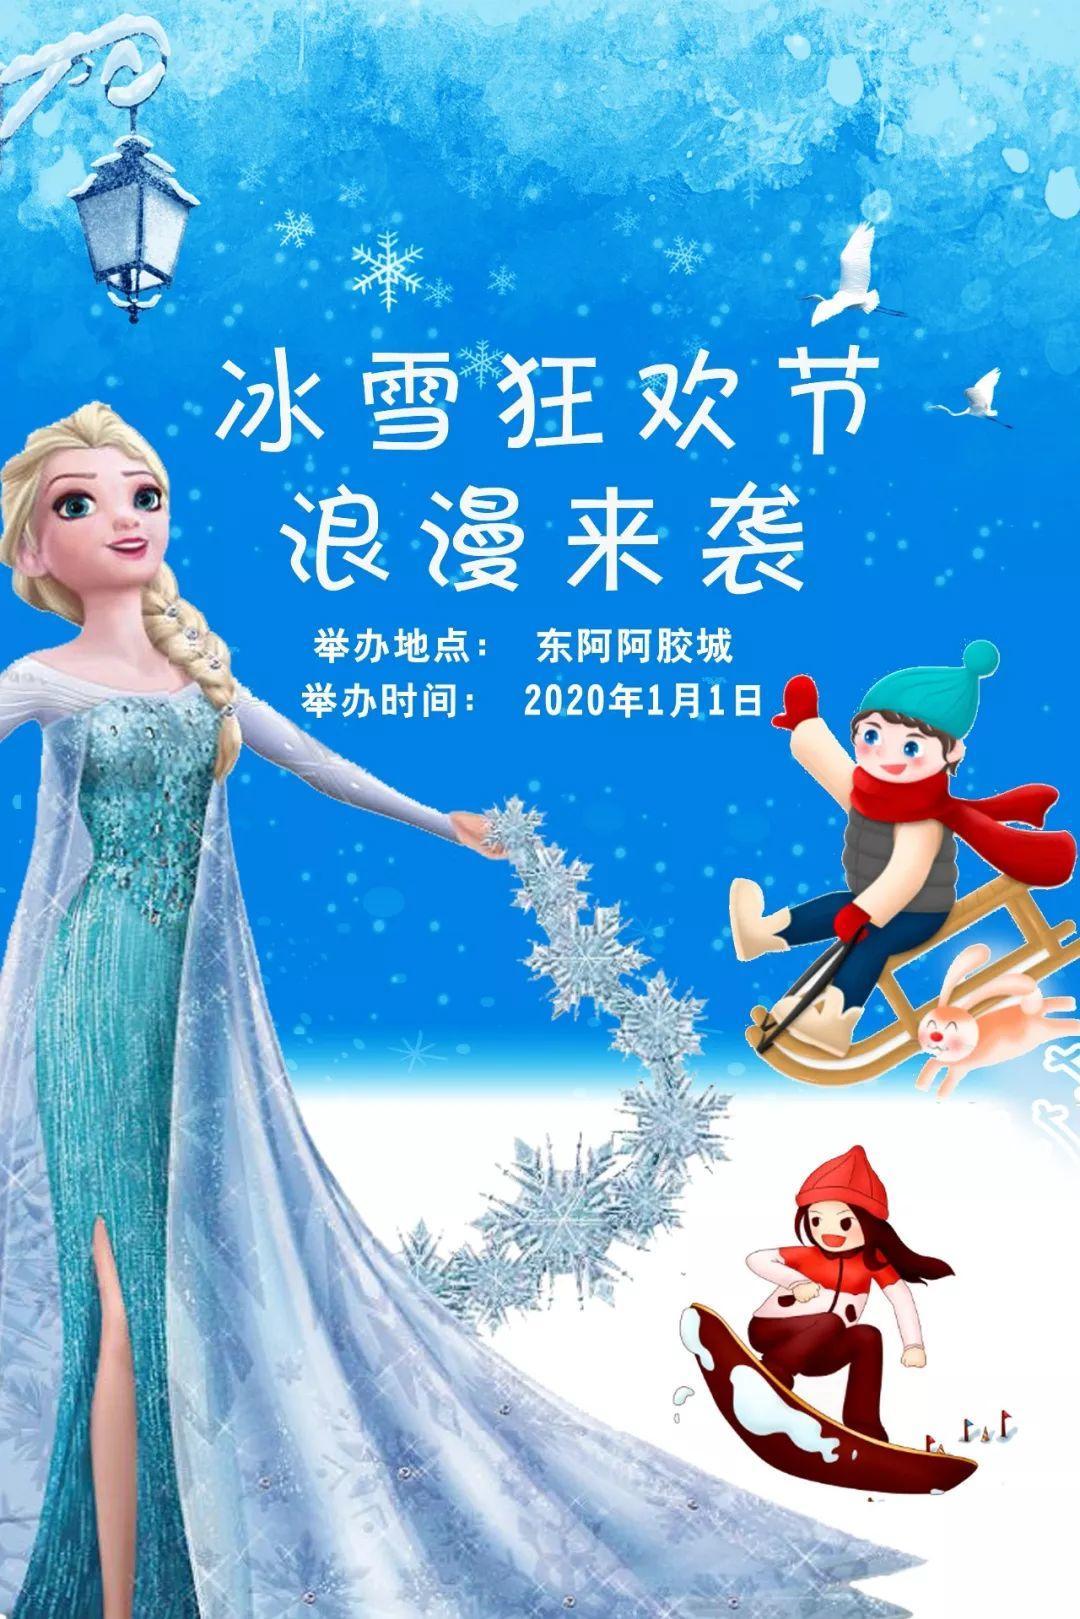 阿胶世界-东阿阿胶城冰雪狂欢节(1月1号)picture Sheet-1